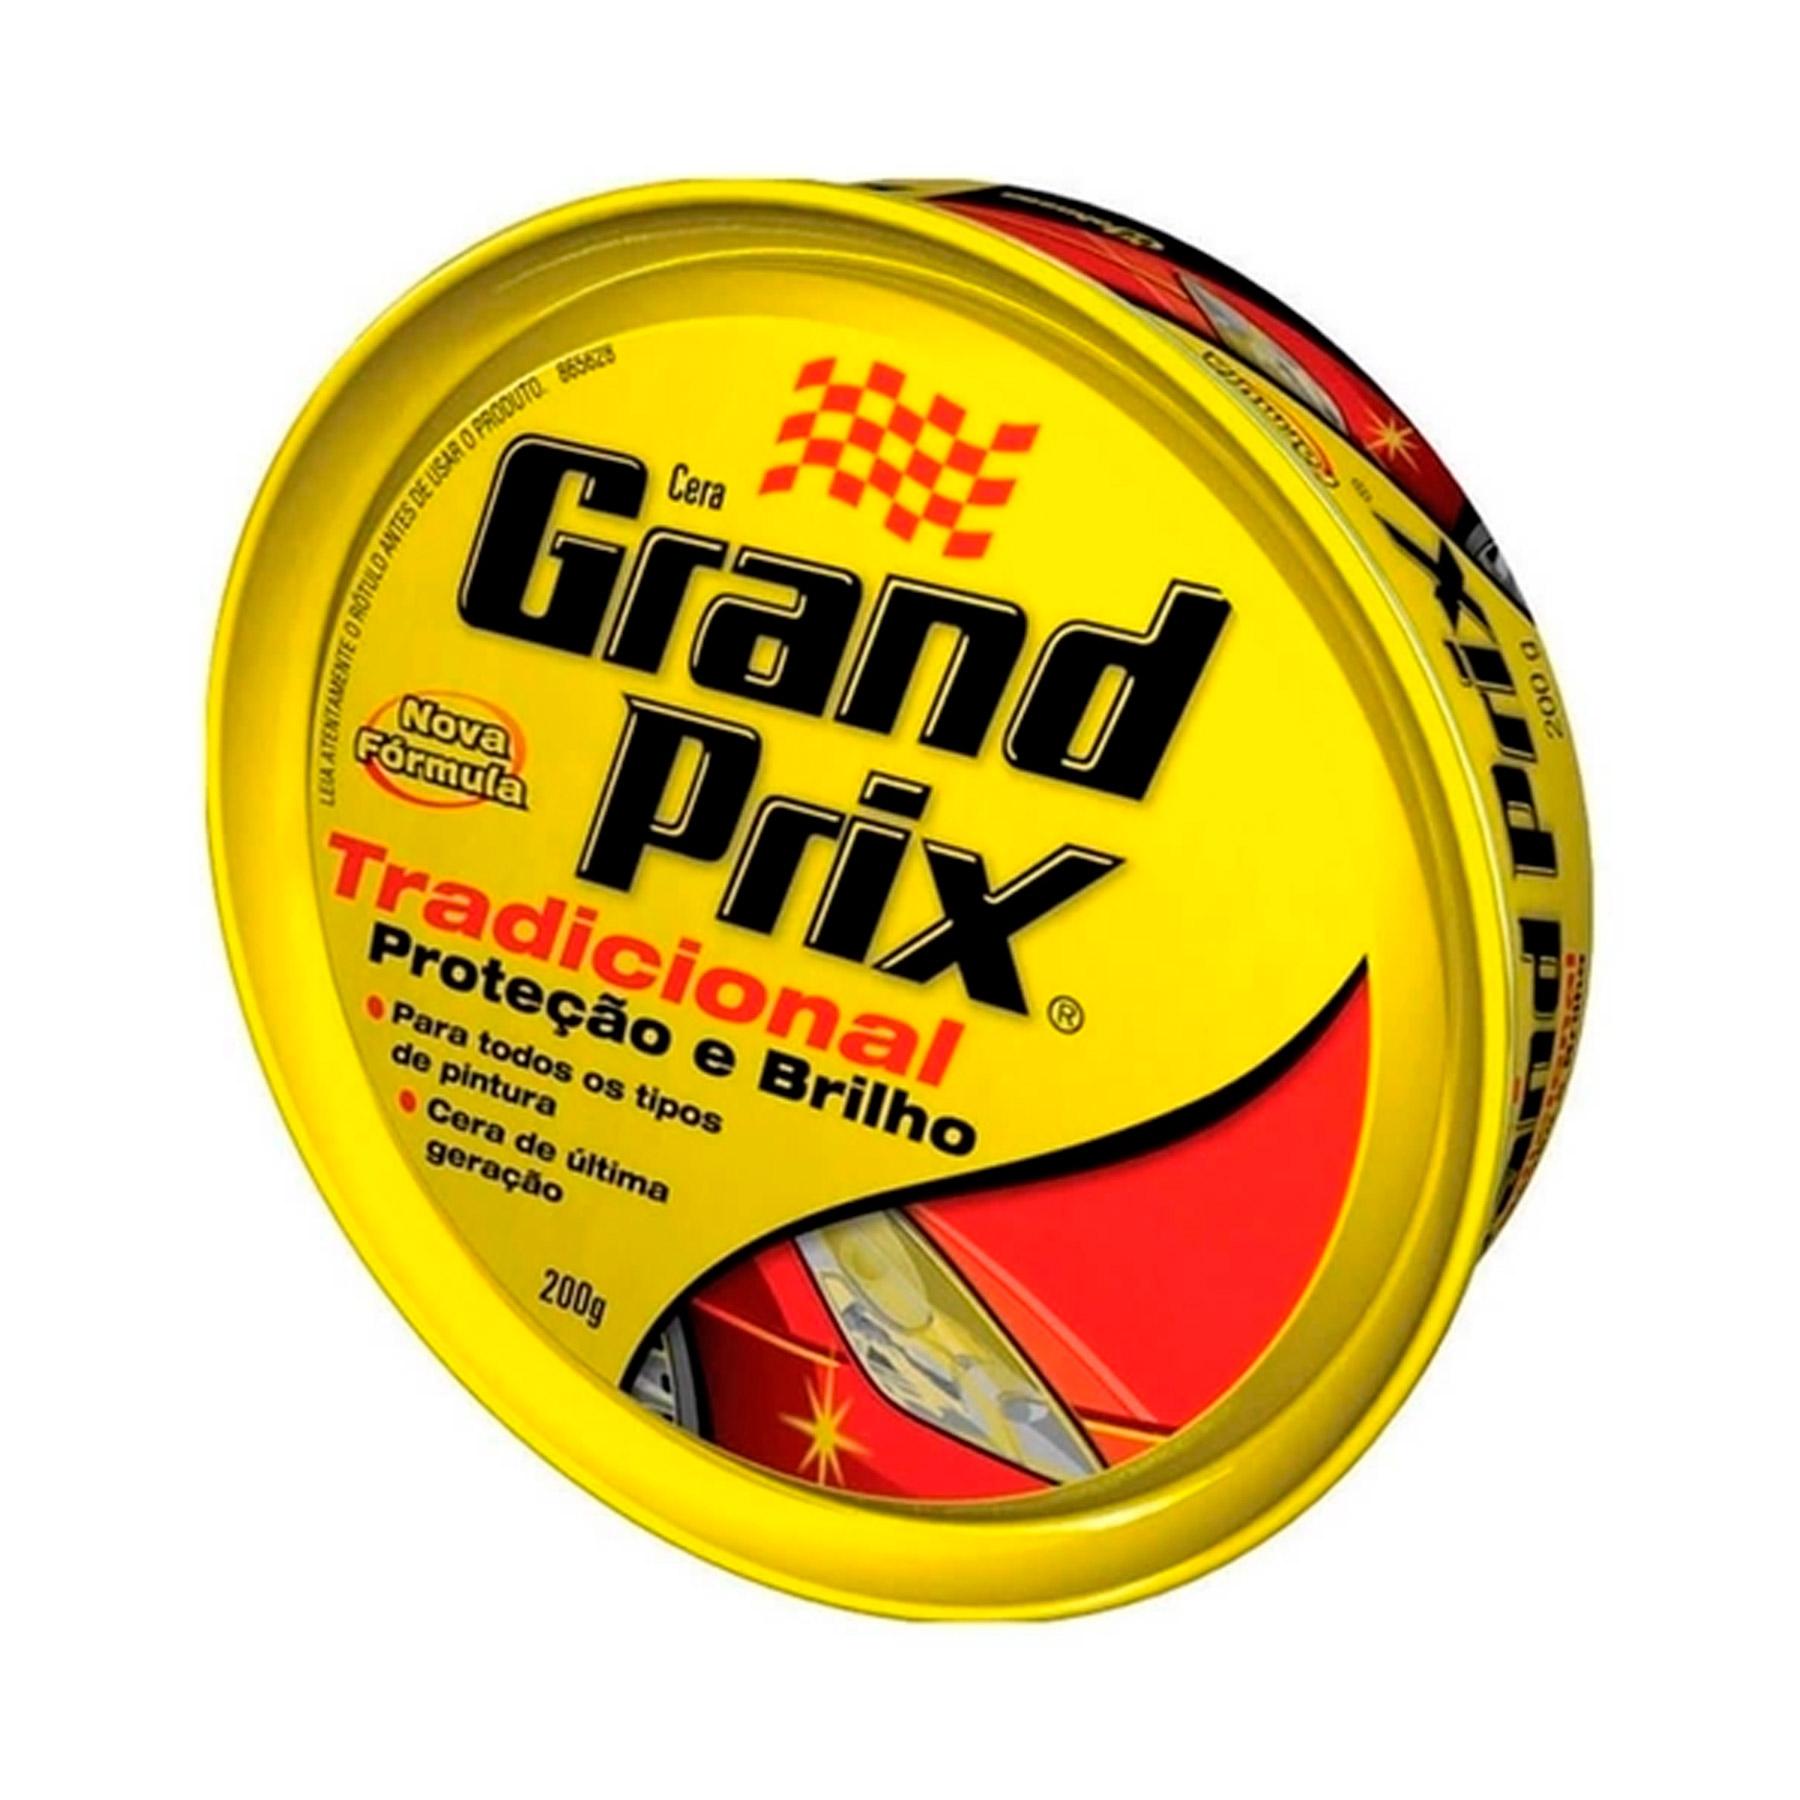 Cera em Pasta Grand Prix Tradicional Proteção e Brilho 200g